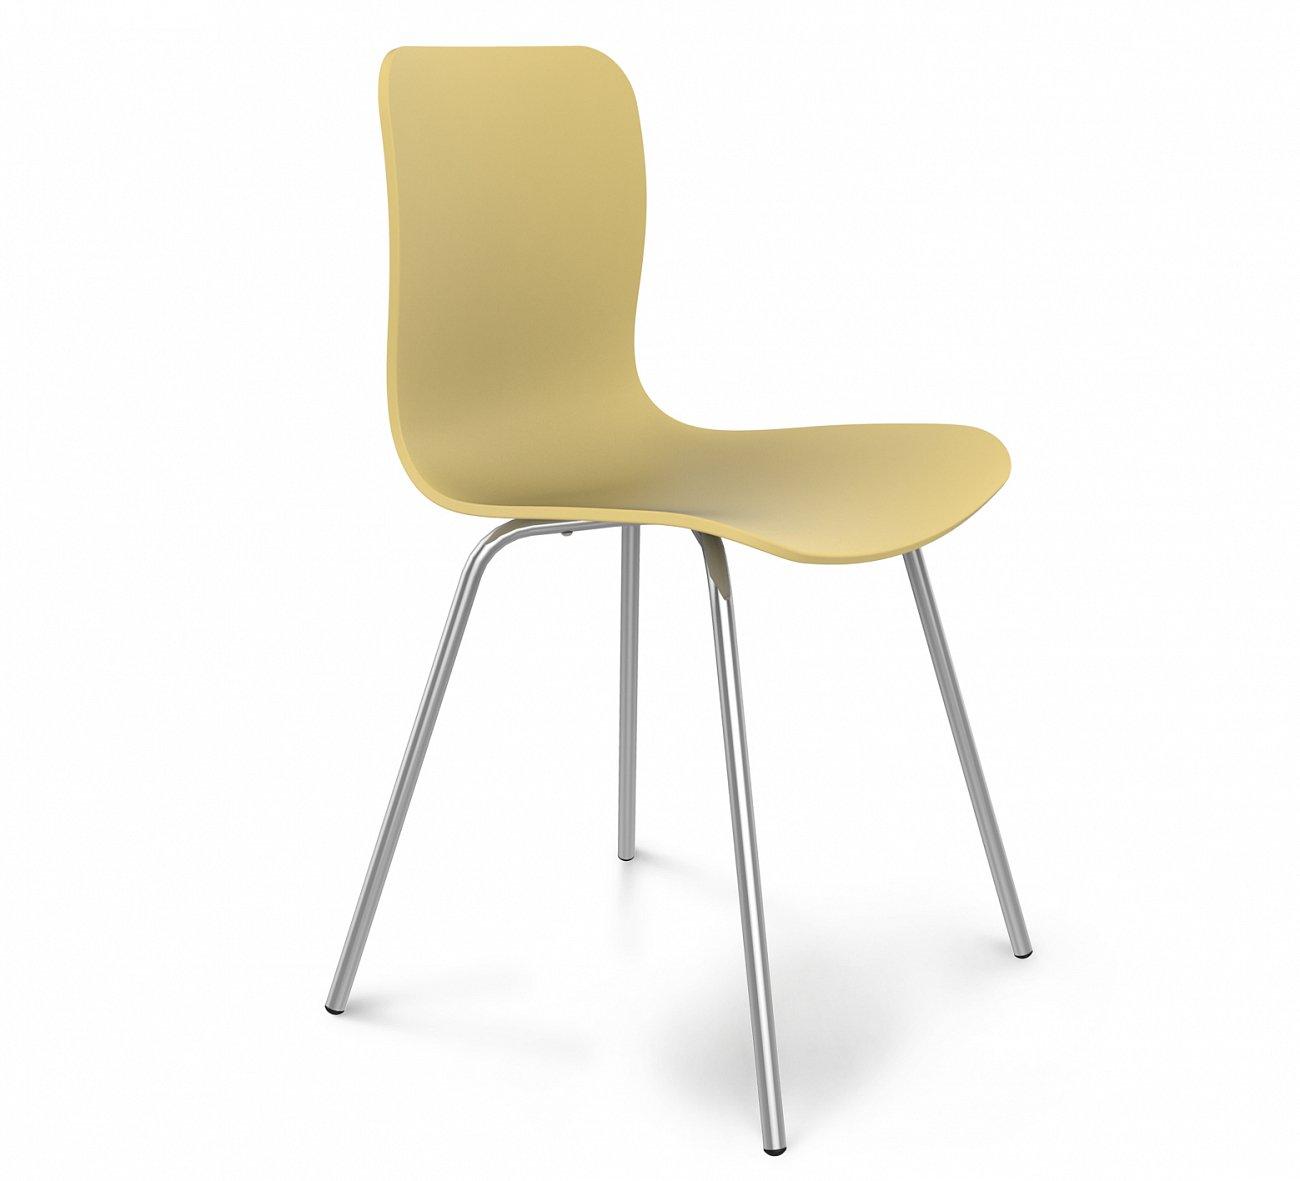 Купить Стул DSR бежевый S33 в интернет магазине дизайнерской мебели и аксессуаров для дома и дачи